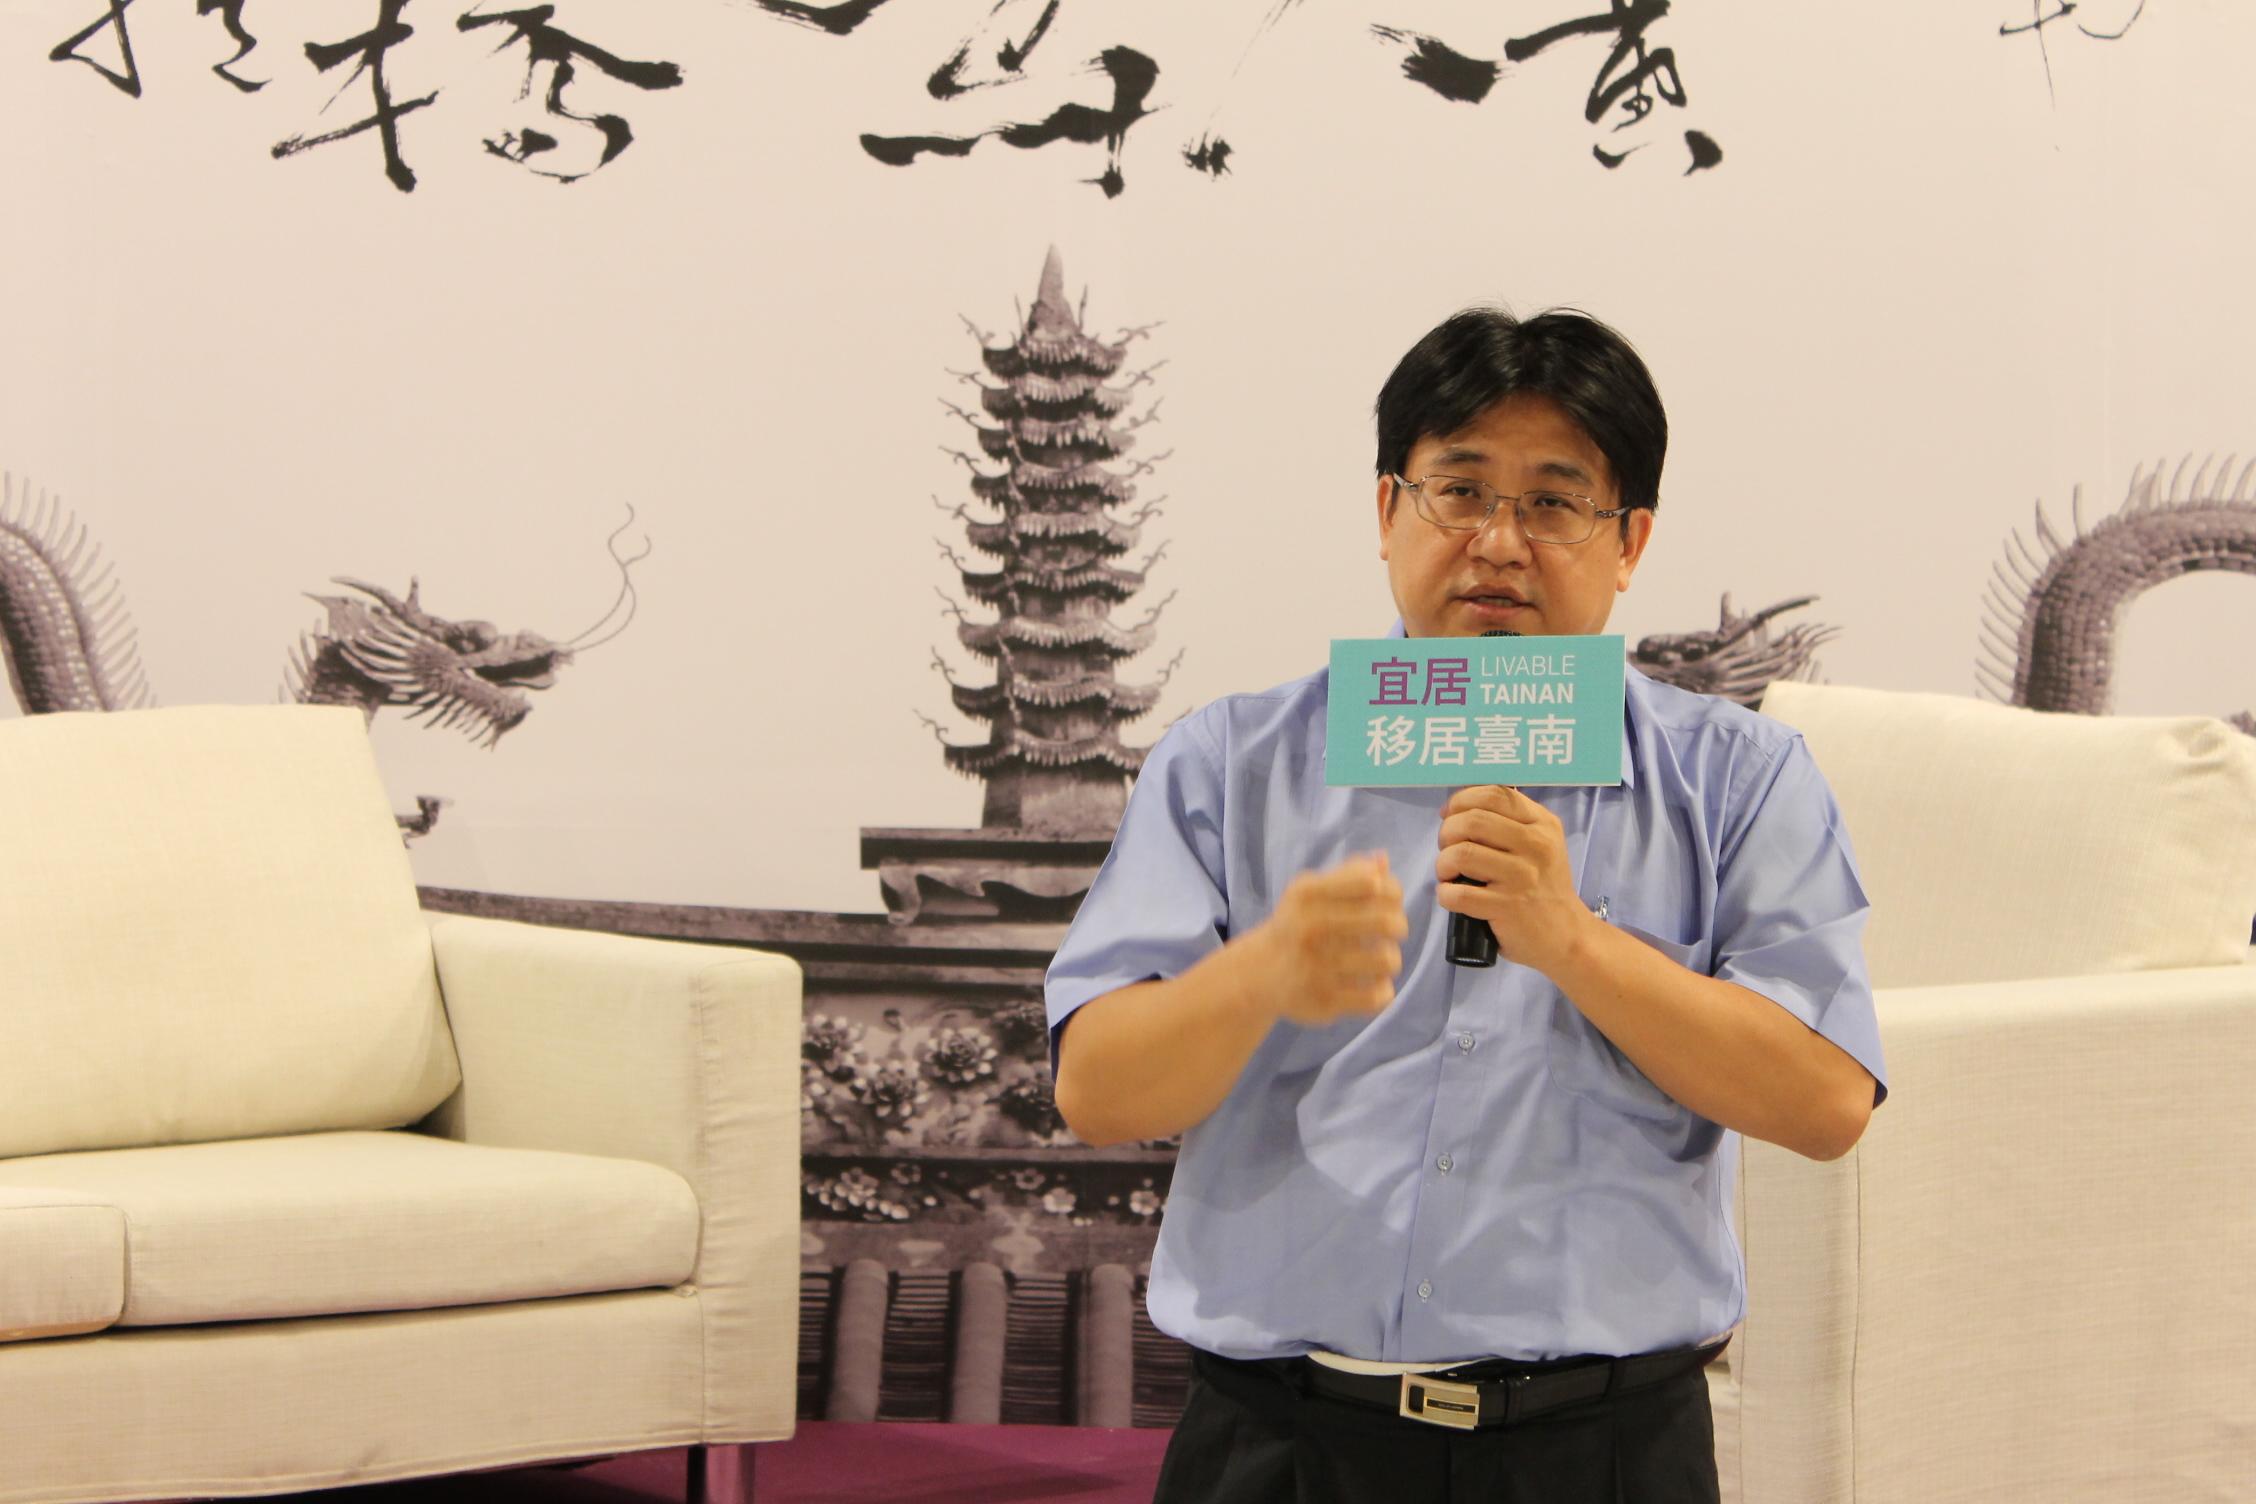 「2013宜居‧移居臺南博覽會」小開幕儀式,點亮適宜居住之未來城市遠景  1